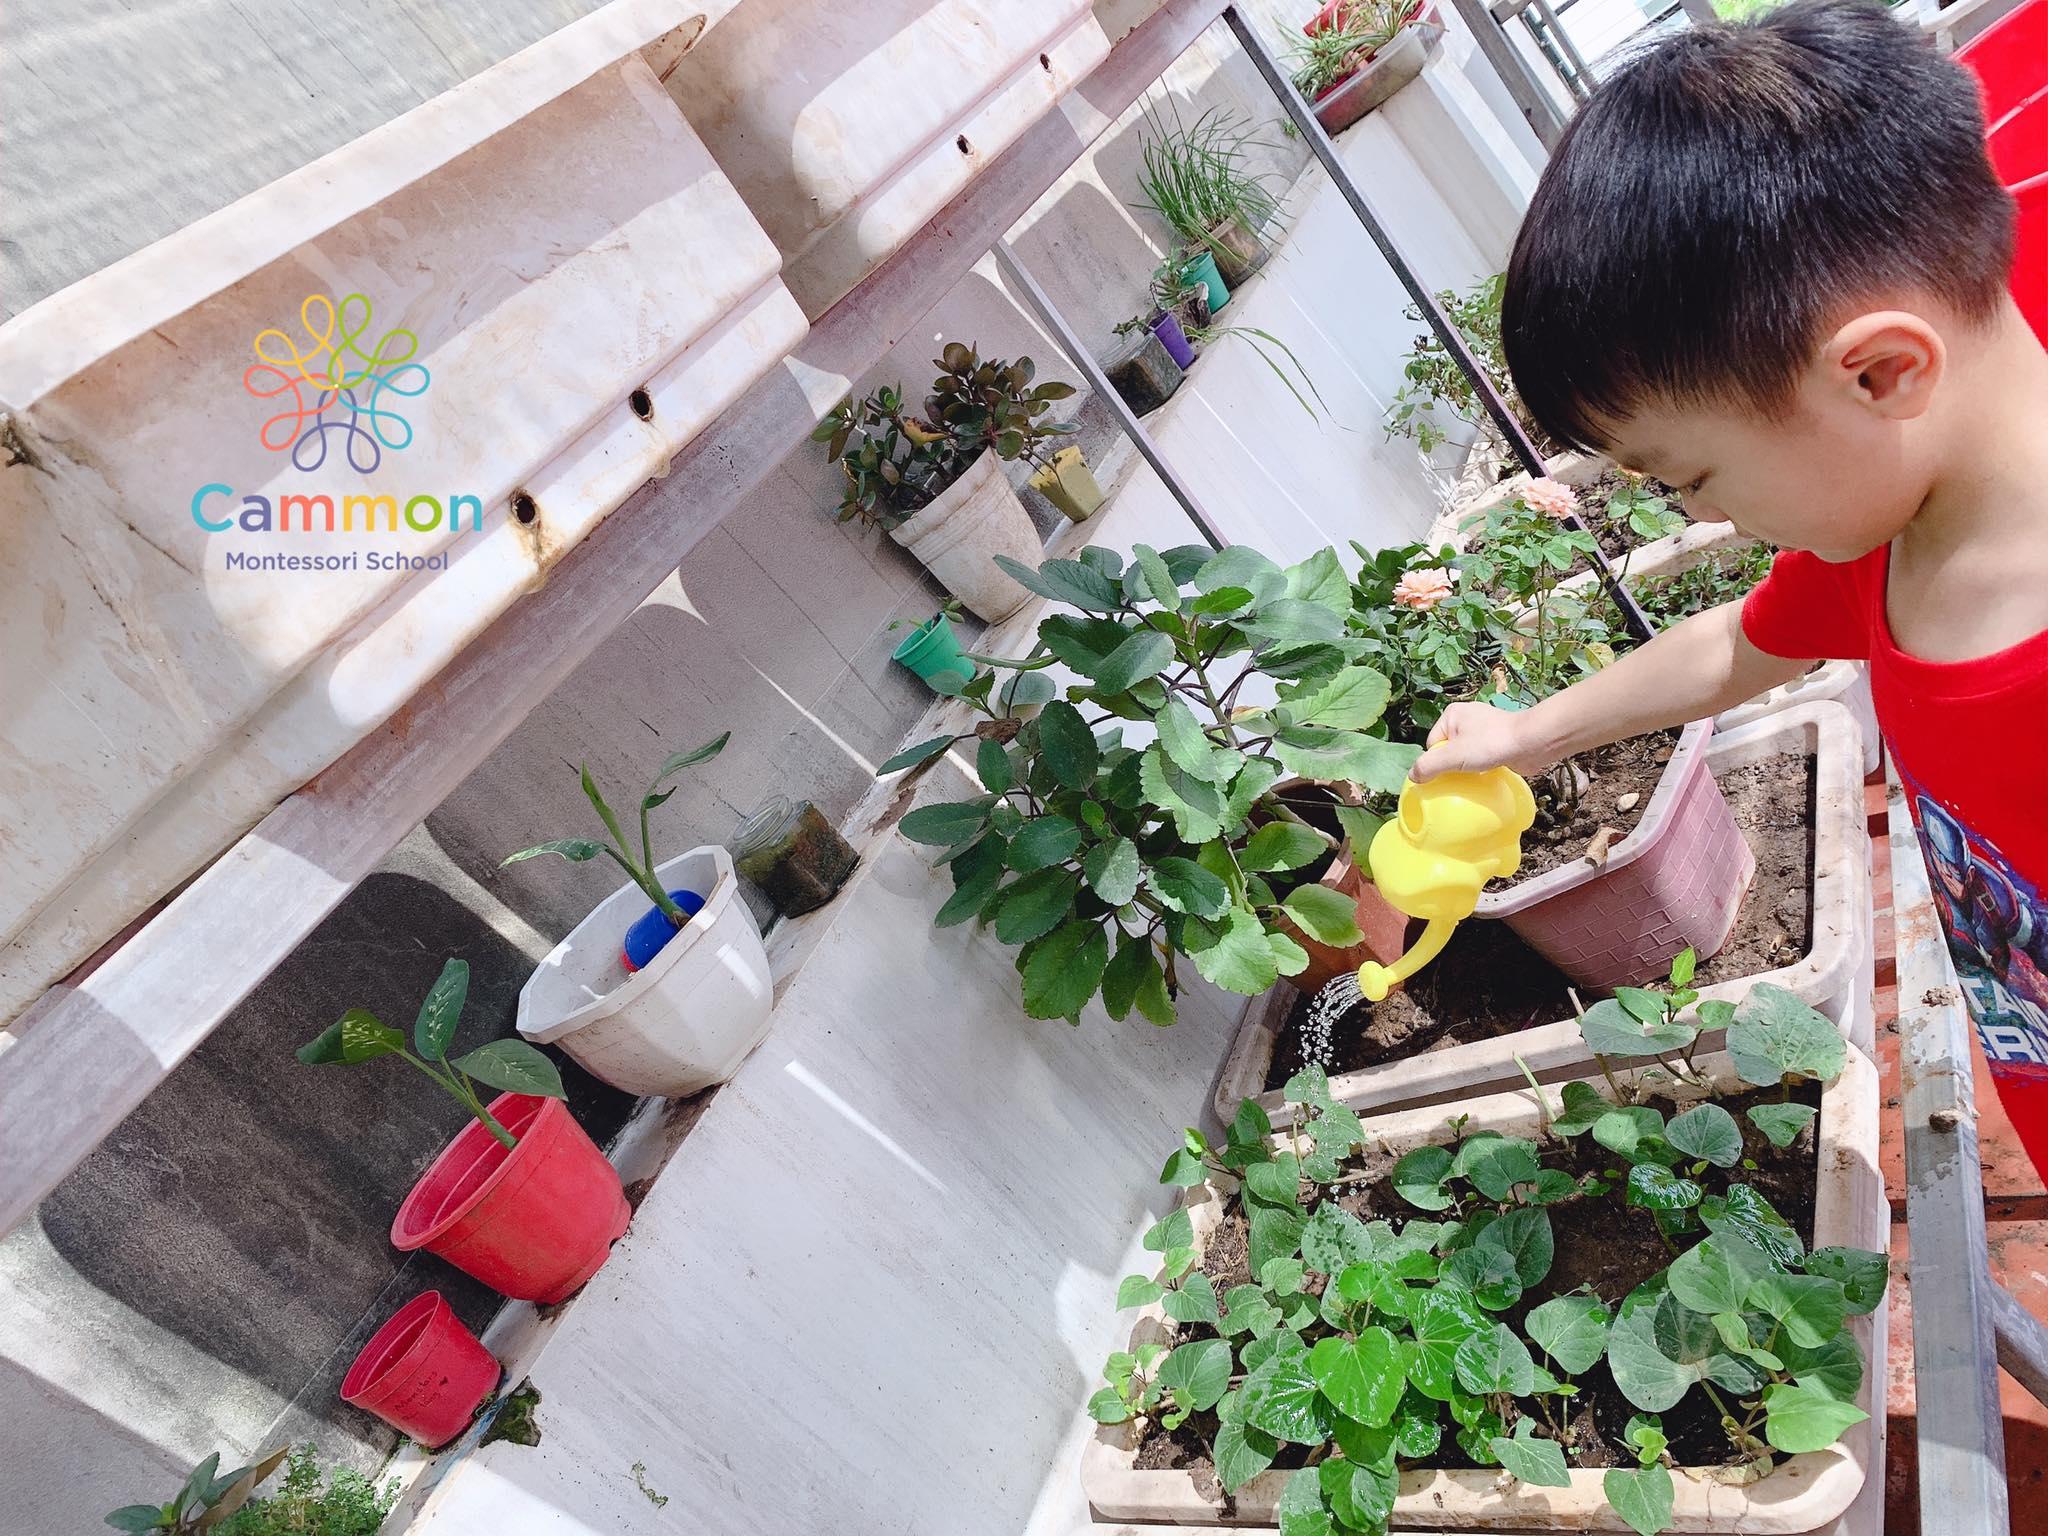 Trường mầm non Cammon Montessori (Hoa Trà My Group) - Phạm Tuấn Tài, Cầu Giấy